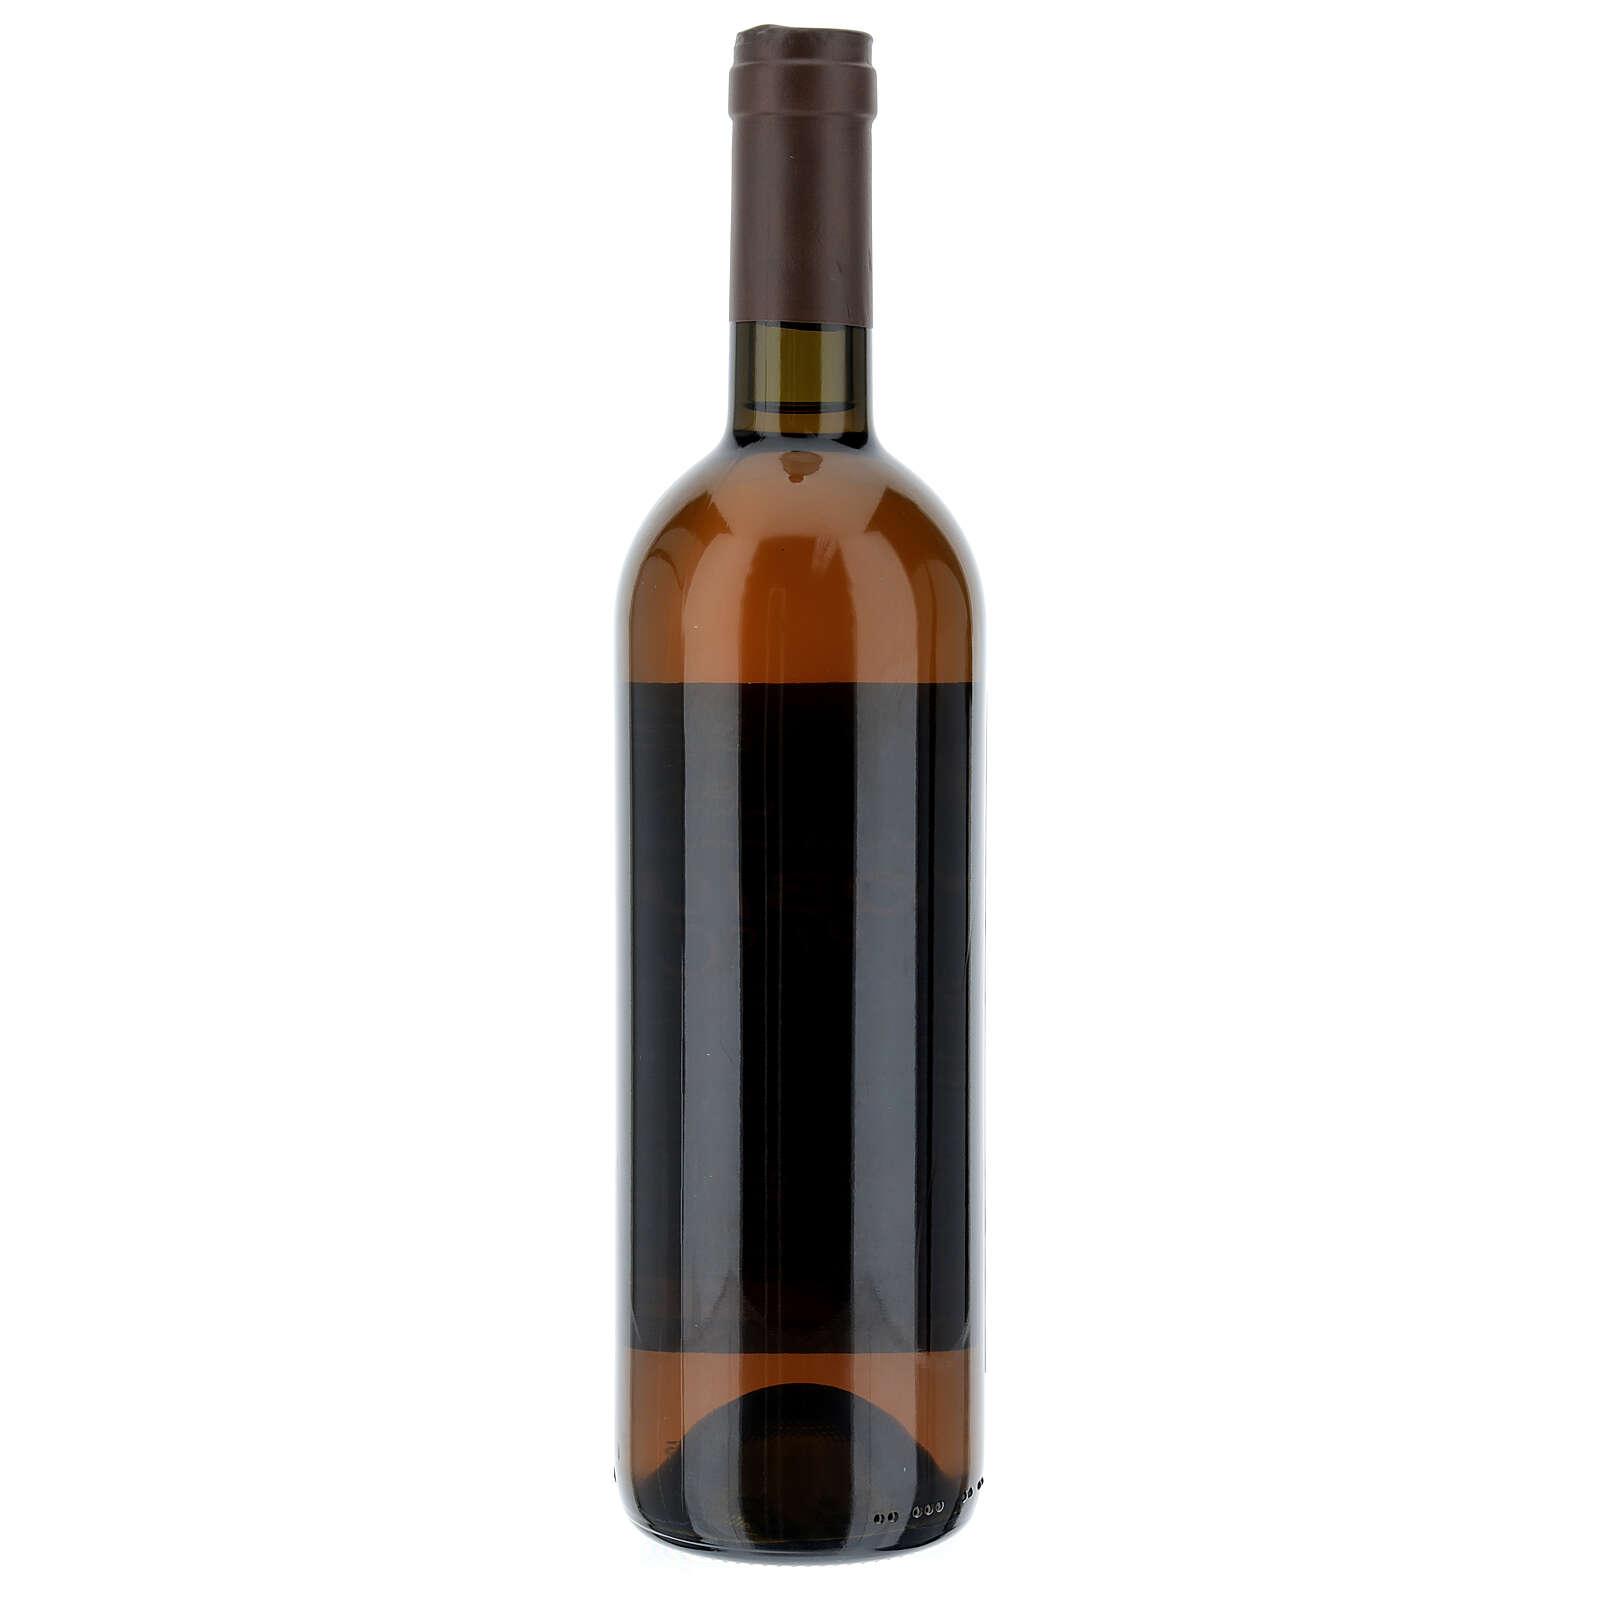 Vino Coenobium Ruscum bianco Vitorchiano 750 ml vend 2019 3